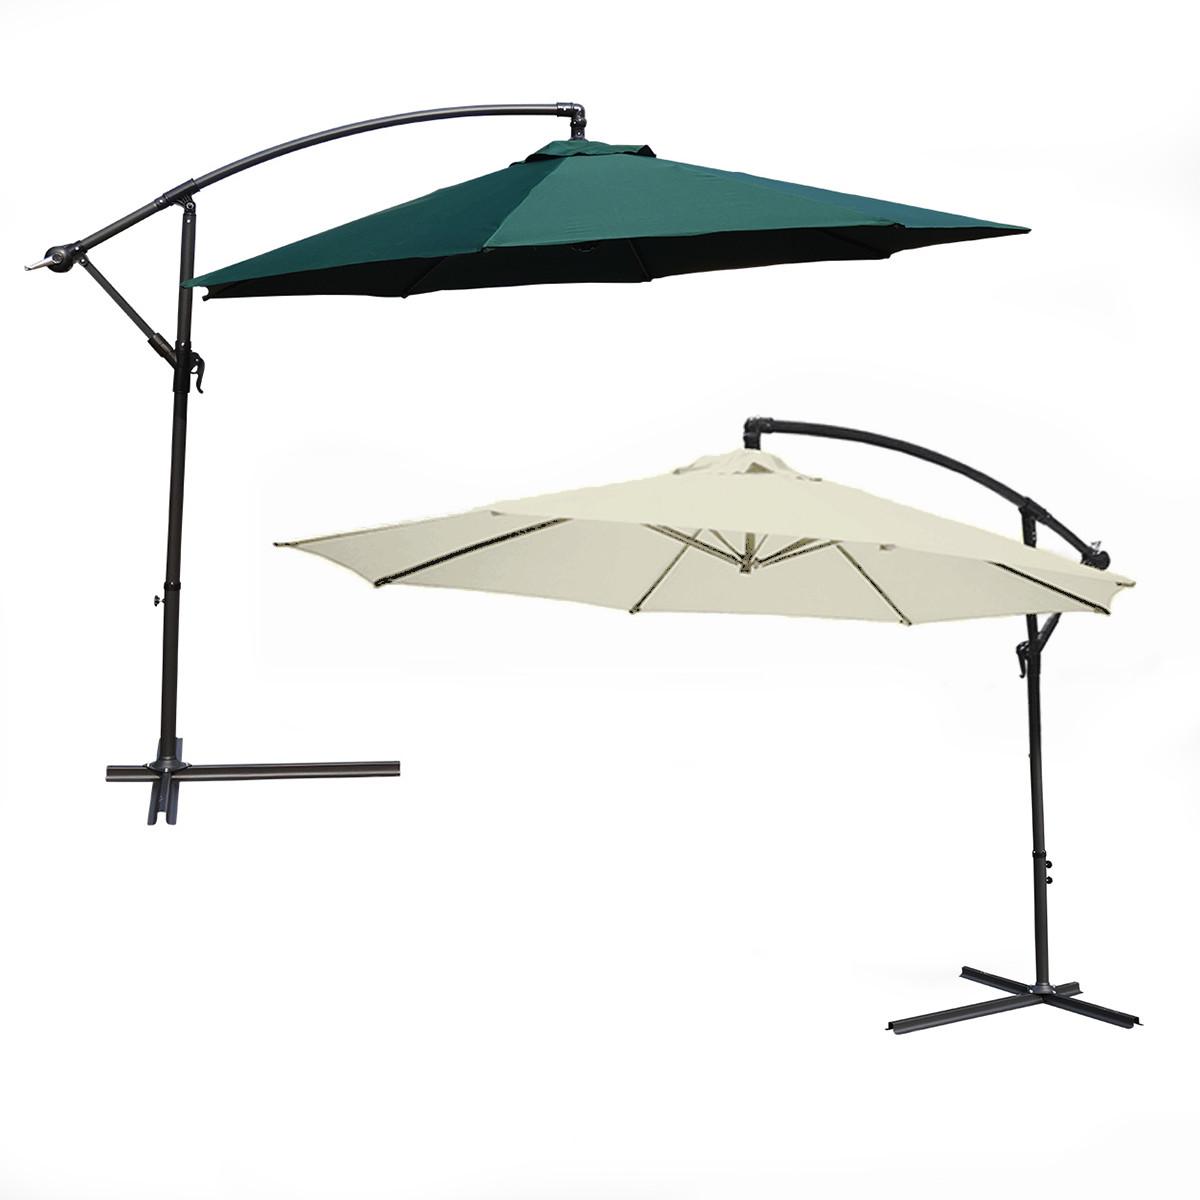 Large Offset Patio Umbrellas